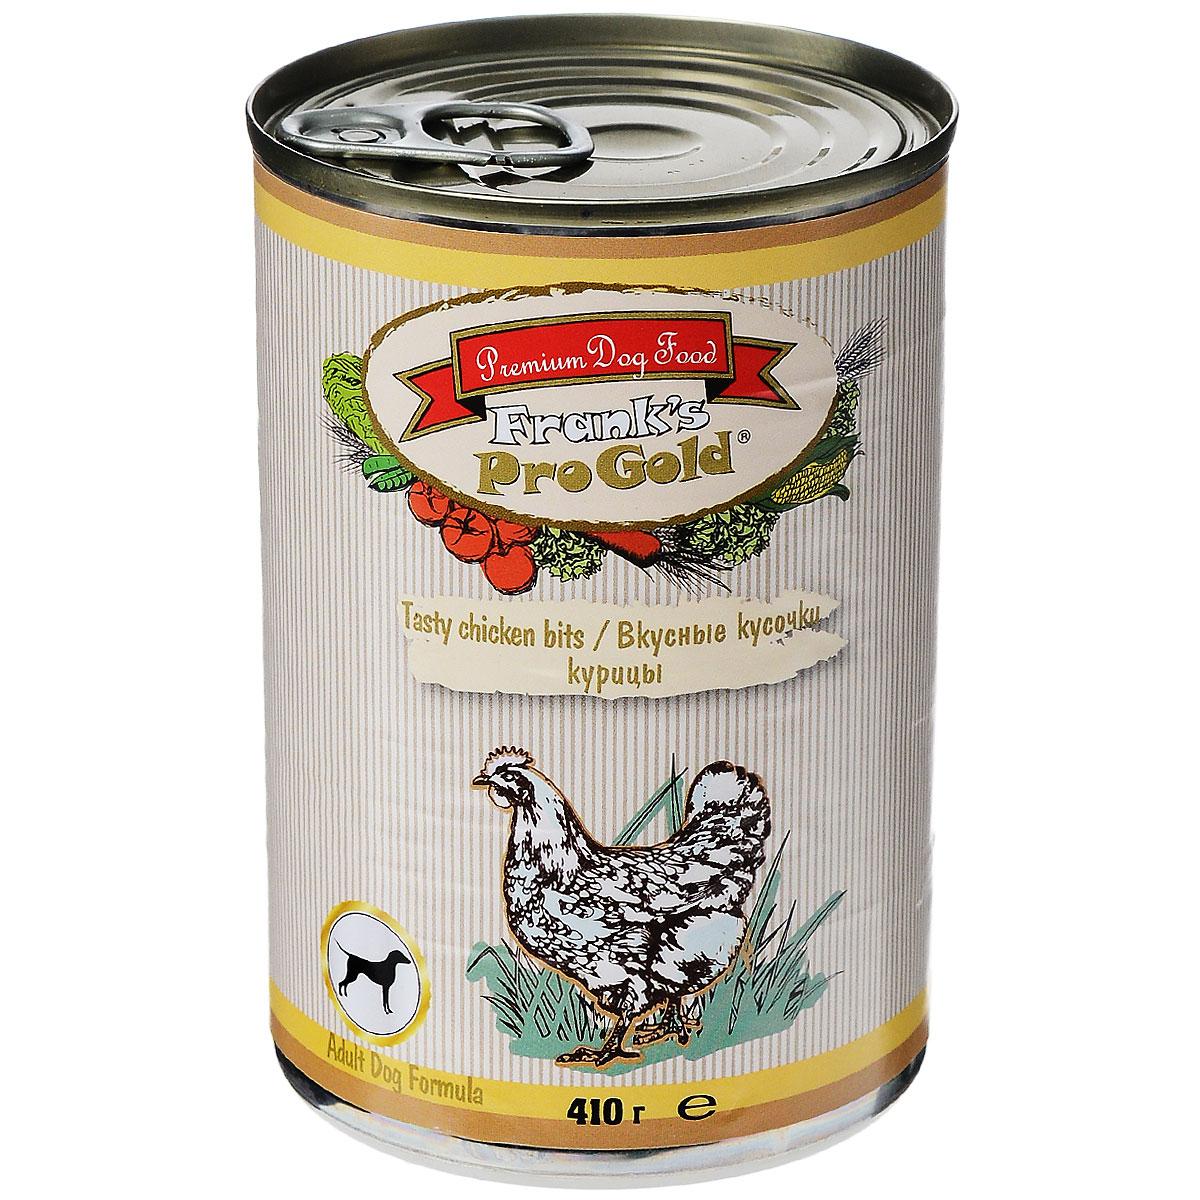 Консервы для собак Franks ProGold, с курицей, 410 г19421Консервы для собак Franks ProGold - полнорационный продукт, содержащий все необходимые витамины и минералы, сбалансированный для поддержания оптимального здоровья вашего питомца! Ваш любимец, безусловно, оценит нежнейшие кусочки мяса в желе! Произведенные из натуральных ингредиентов, консервы Franks Pro Gold не содержат ГМО, сою, искусственных красителей, консервантов и усилителей вкуса. Состав: мясо и его производные, курица, злаки, витамины и минералы. Пищевая ценность: белки 6,5%, жиры 4,5%, клетчатка 0,5%, зола 2%, влажность 81%. Добавки: витамин A 1600 IU, витамин D 140 IU, витамин E 10 IU, железо 24 мг/кг, марганец 6 мг/кг, цинк 15 мг/кг, медь 1 мг/кг, магний 200 мг/кг, йодин 0,3 мг/кг, селен 0,2 мг/кг. Калорийность: 393,6 ккал. Товар сертифицирован.